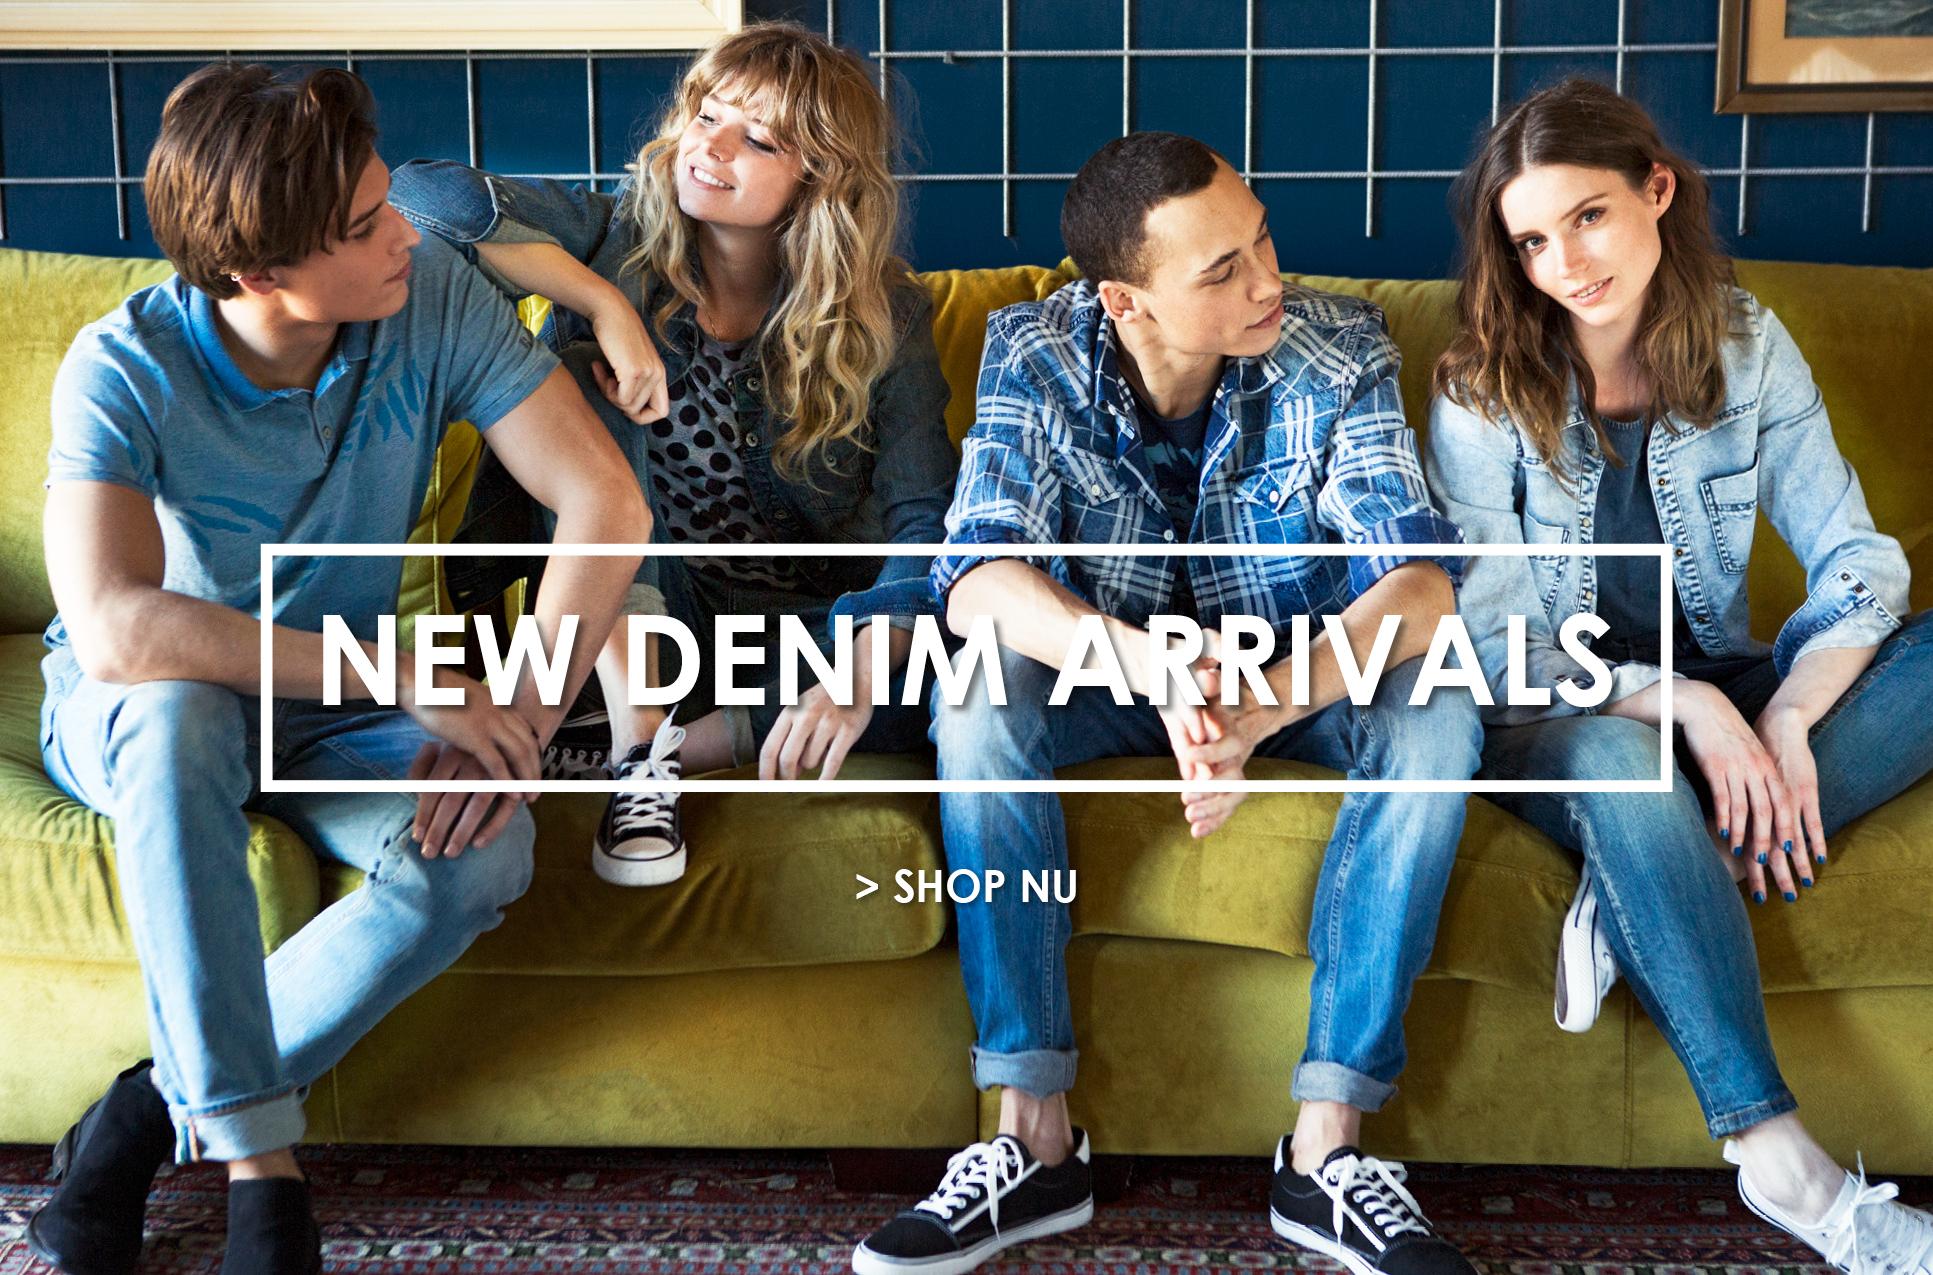 Shop new denim arrivals